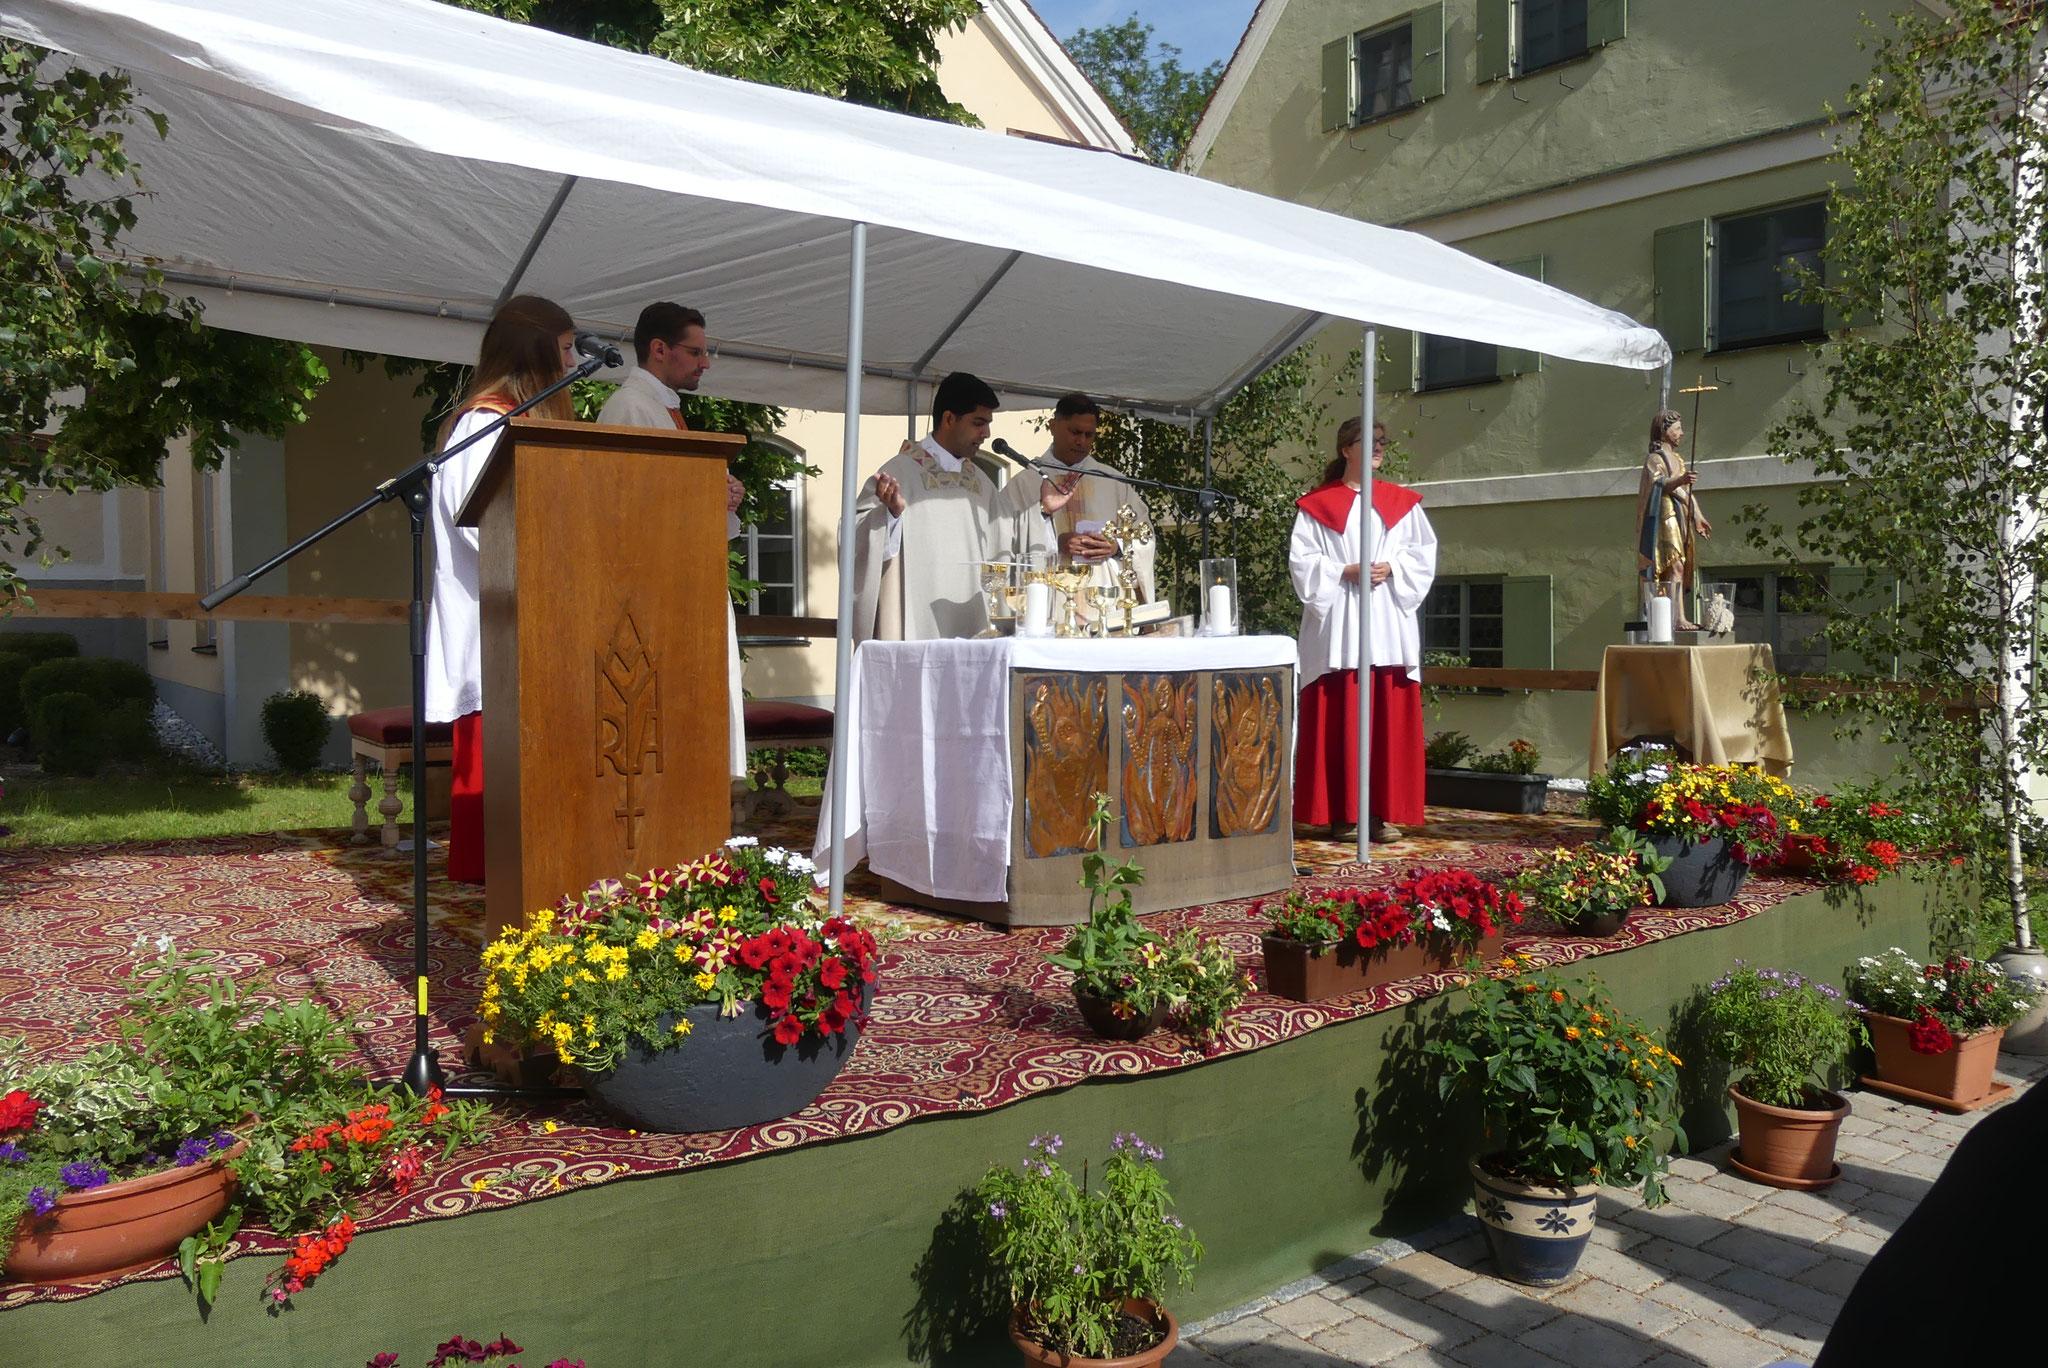 Pfarrer Konrad Maria Bestle, Pfarrer Linson Thatill und Pfarrer Norman D´Souza feierten den Festgottesdienst zum Patrozinium des heiligen Johannes des Täufers im Klosterhof Holzen